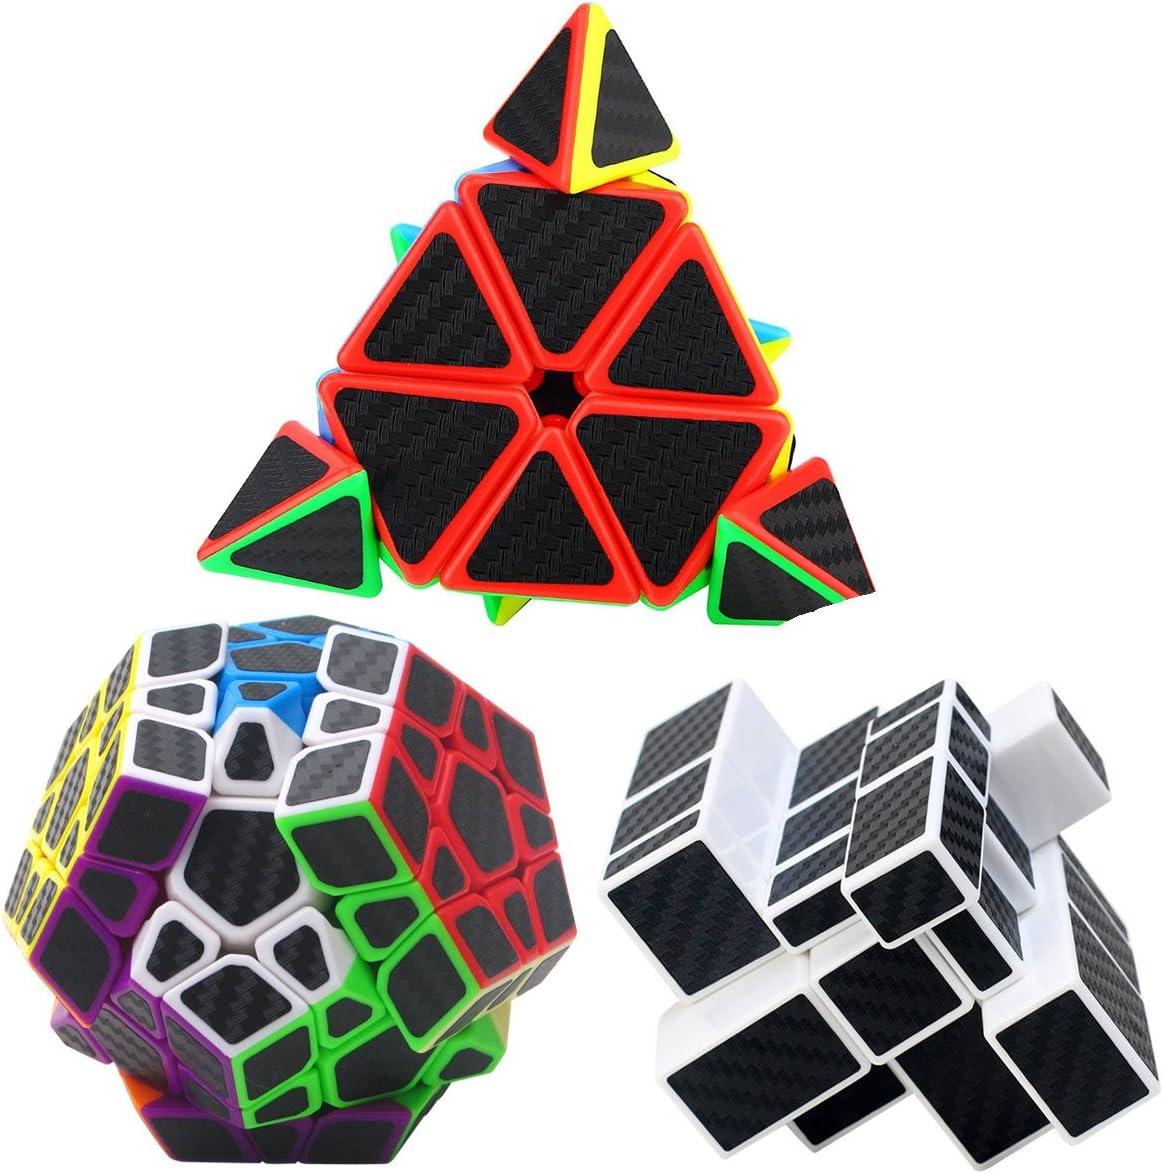 Coolzon Puzzle Cubes Megaminx + Pyraminx + Mirror 3 Pack Cubo Magico con Pegatina de Fibra de Carbono Velocidad: Amazon.es: Juguetes y juegos